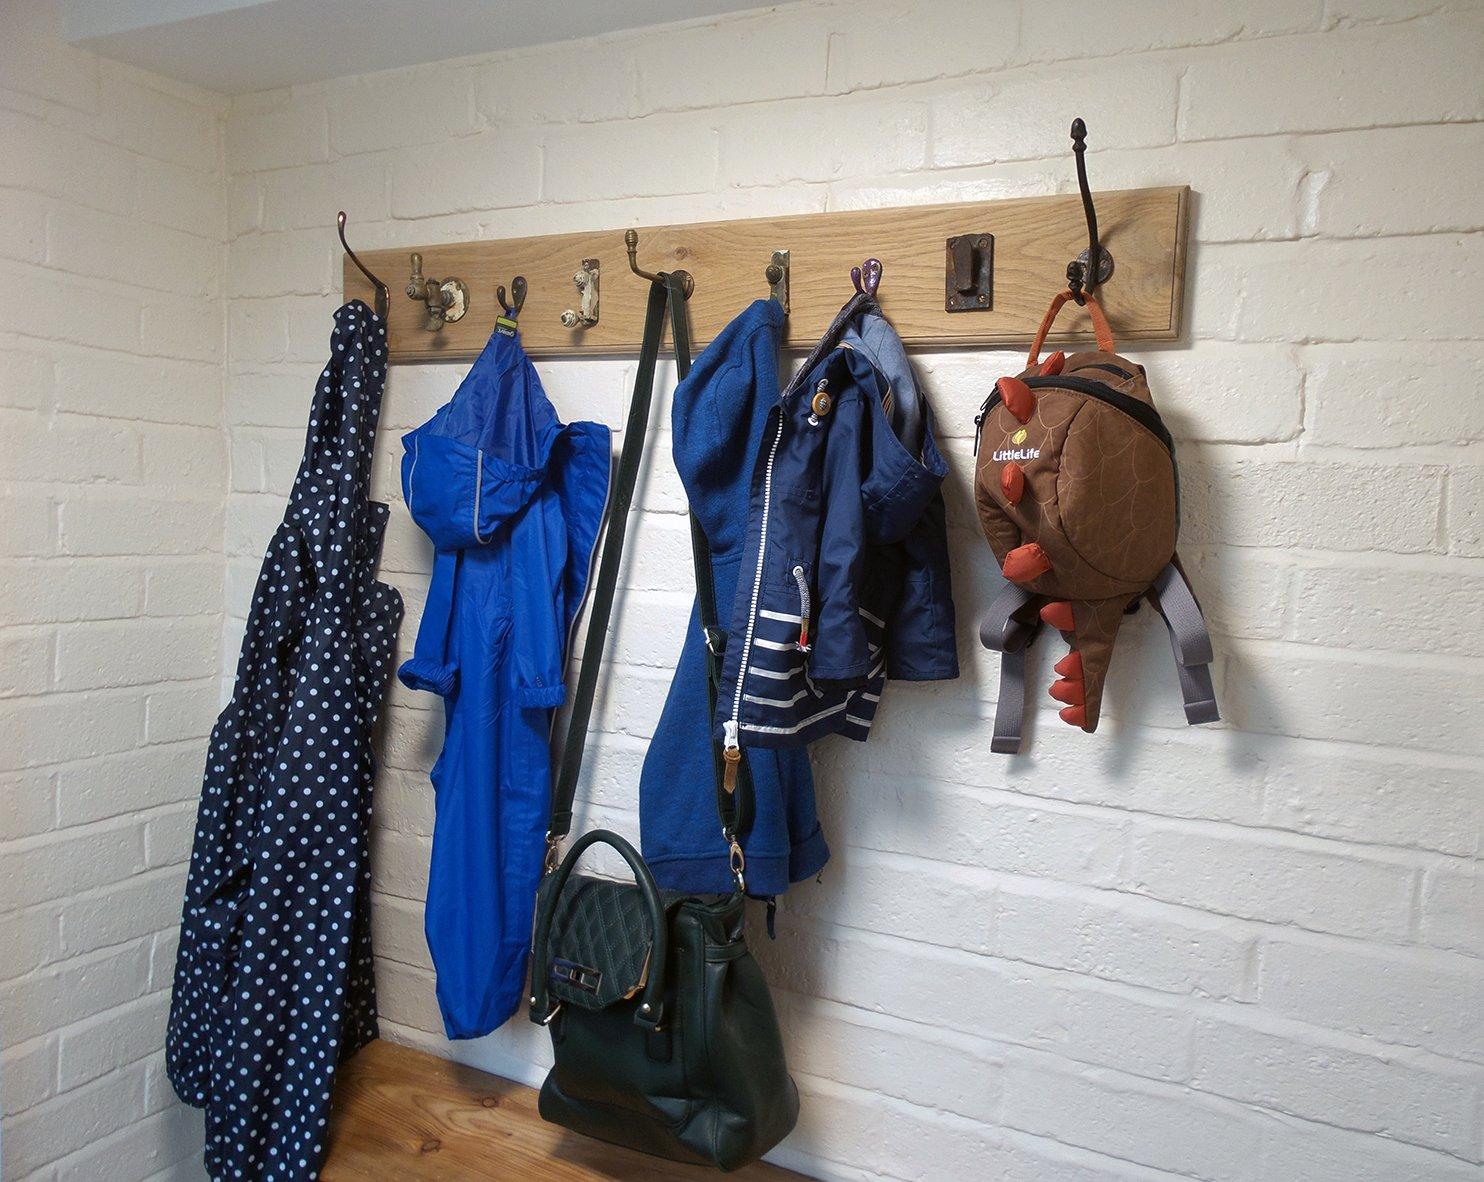 Unique Rustic Coat Rack (Making Furniture!)